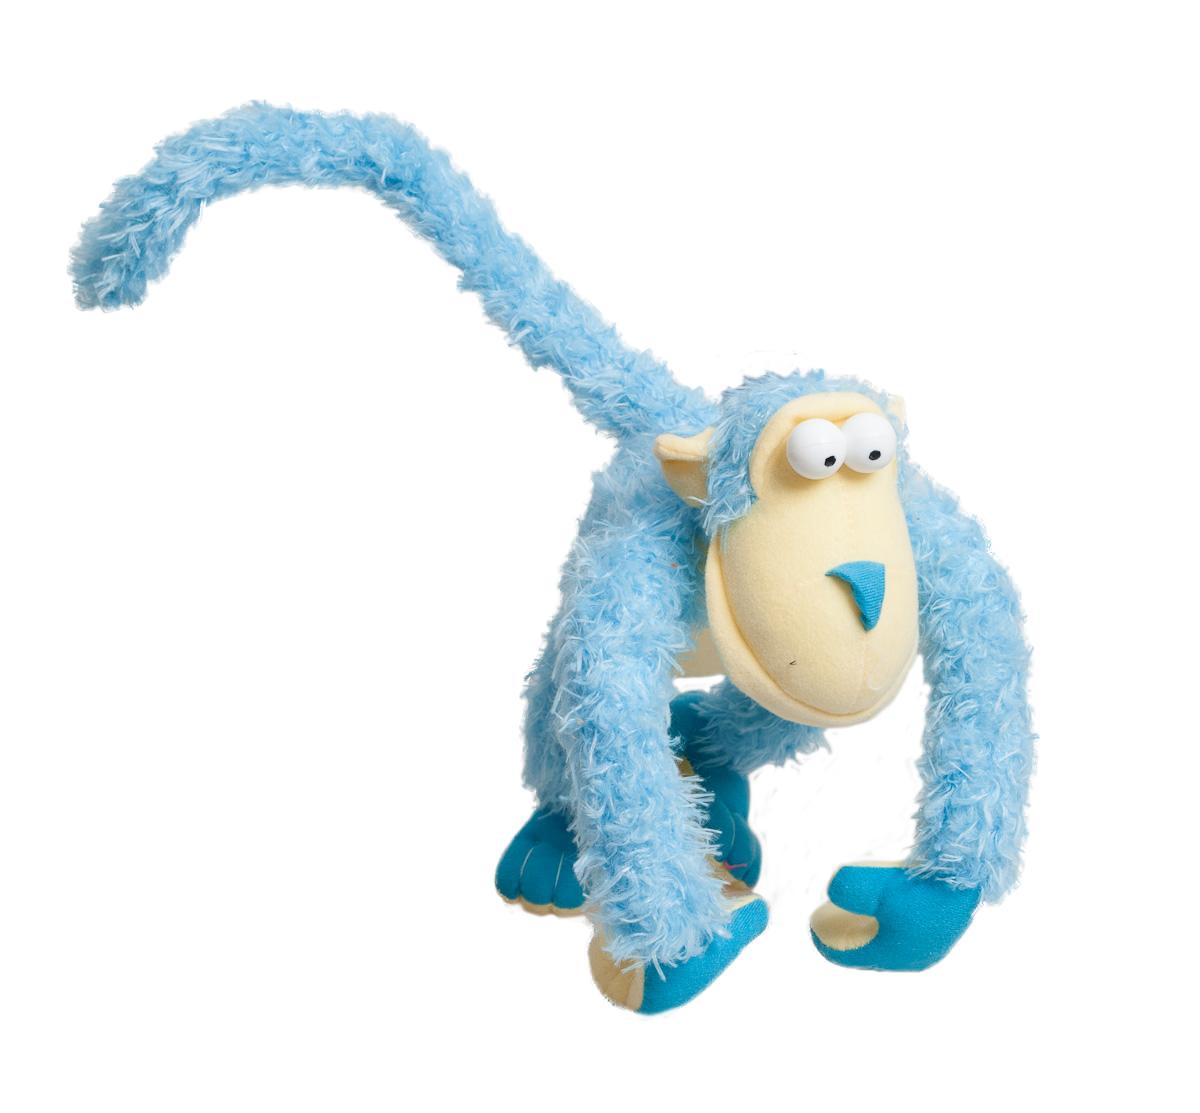 Fancy Мягкая игрушка Обезьянка Питто цвет голубой fancy мягкая игрушка собака эля 14 5 см